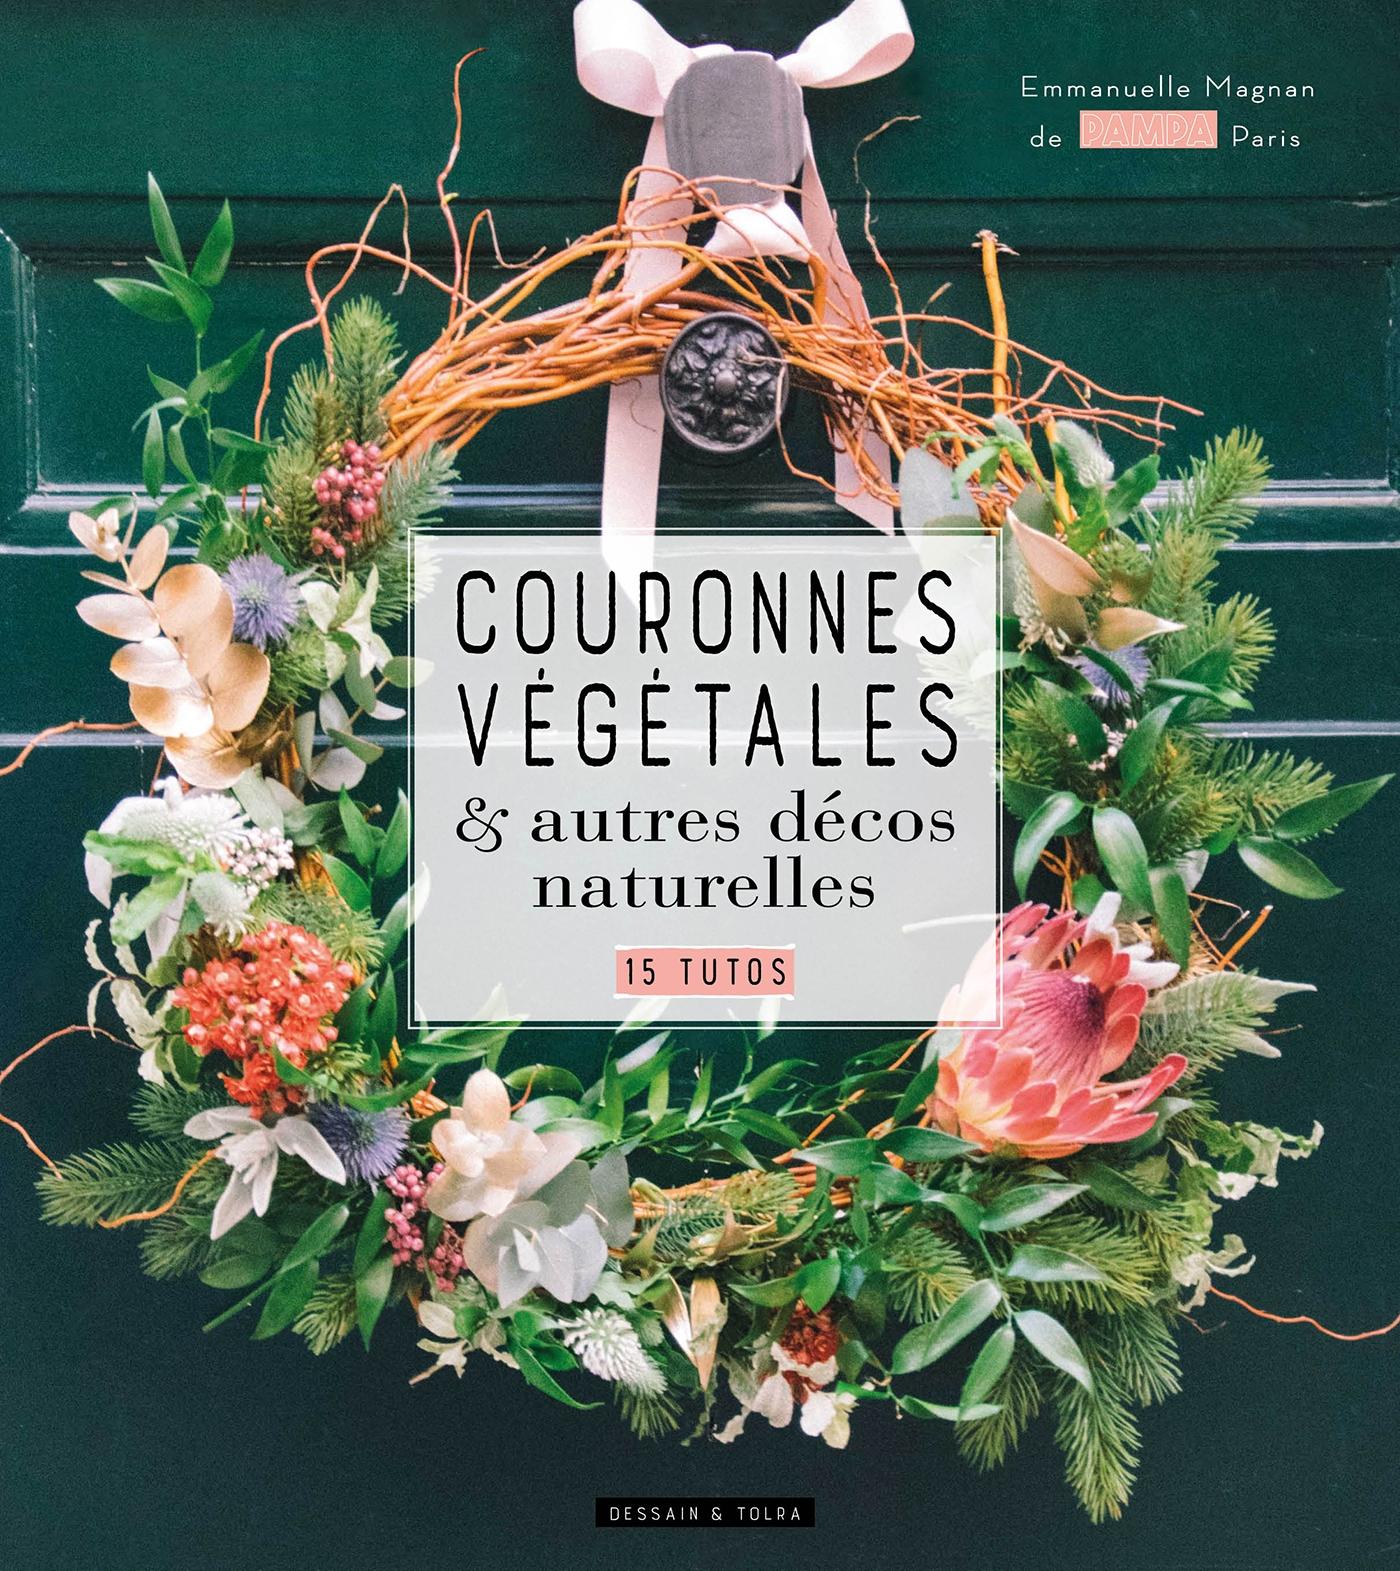 Couronnes végétales | MAGNAN, Madame Emmanuelle. Auteur